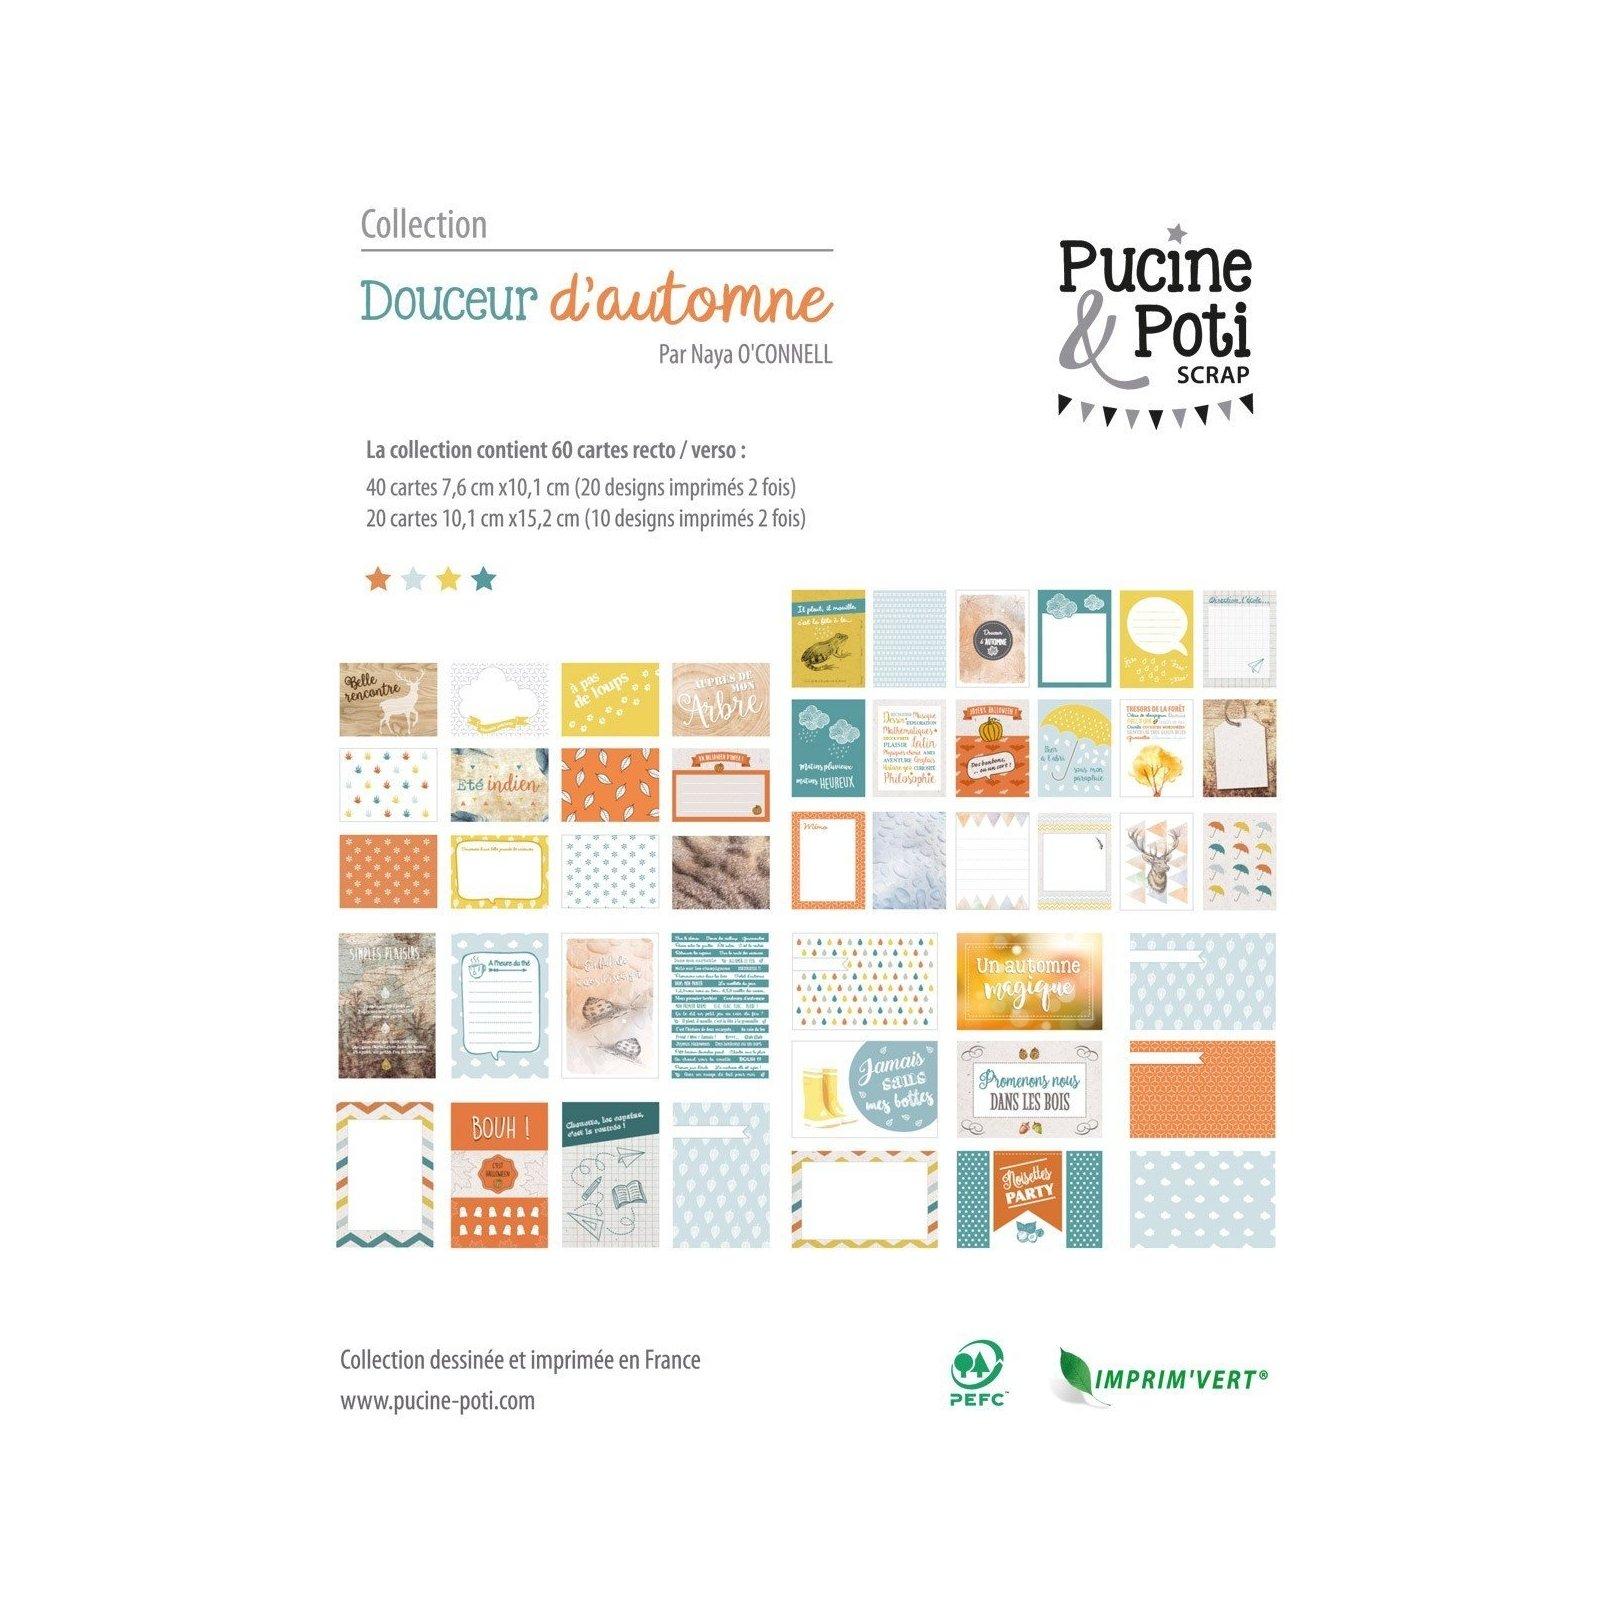 Assortiment de cartes PL - Douceur d'automne - Pucine & Poti